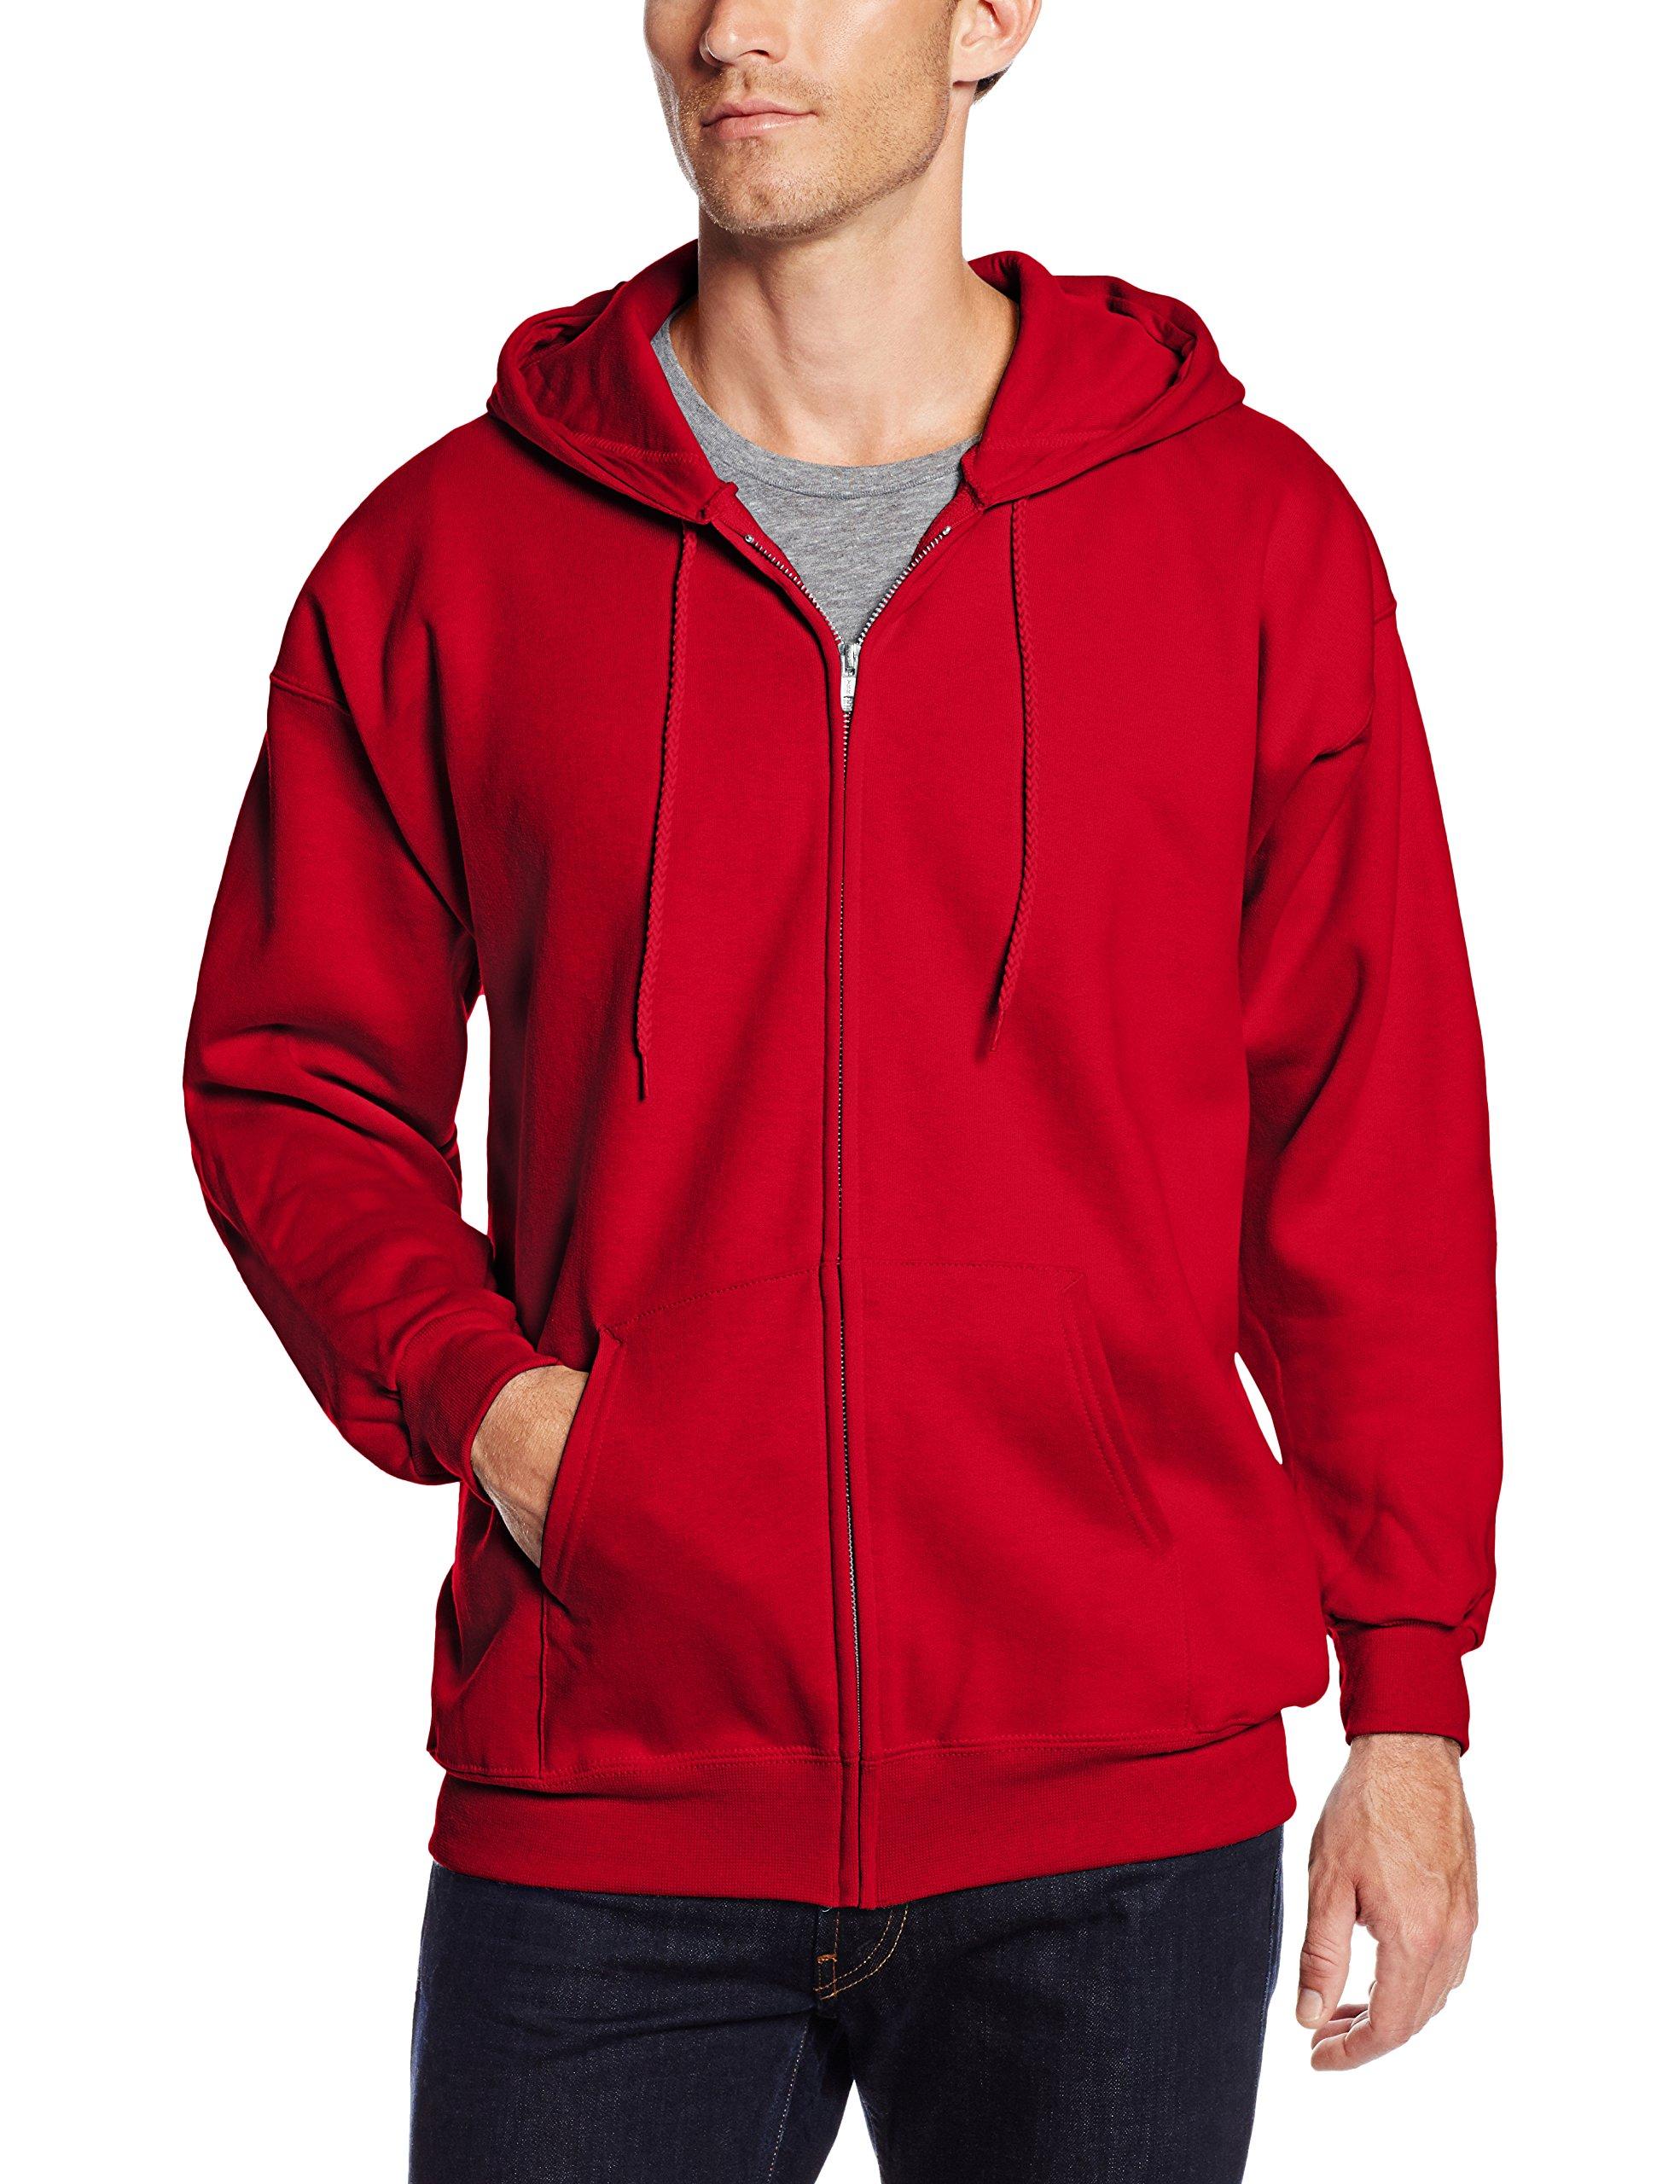 Hanes Men's Full Zip Ultimate Heavyweight Fleece Hoodie, Deep Red, Medium